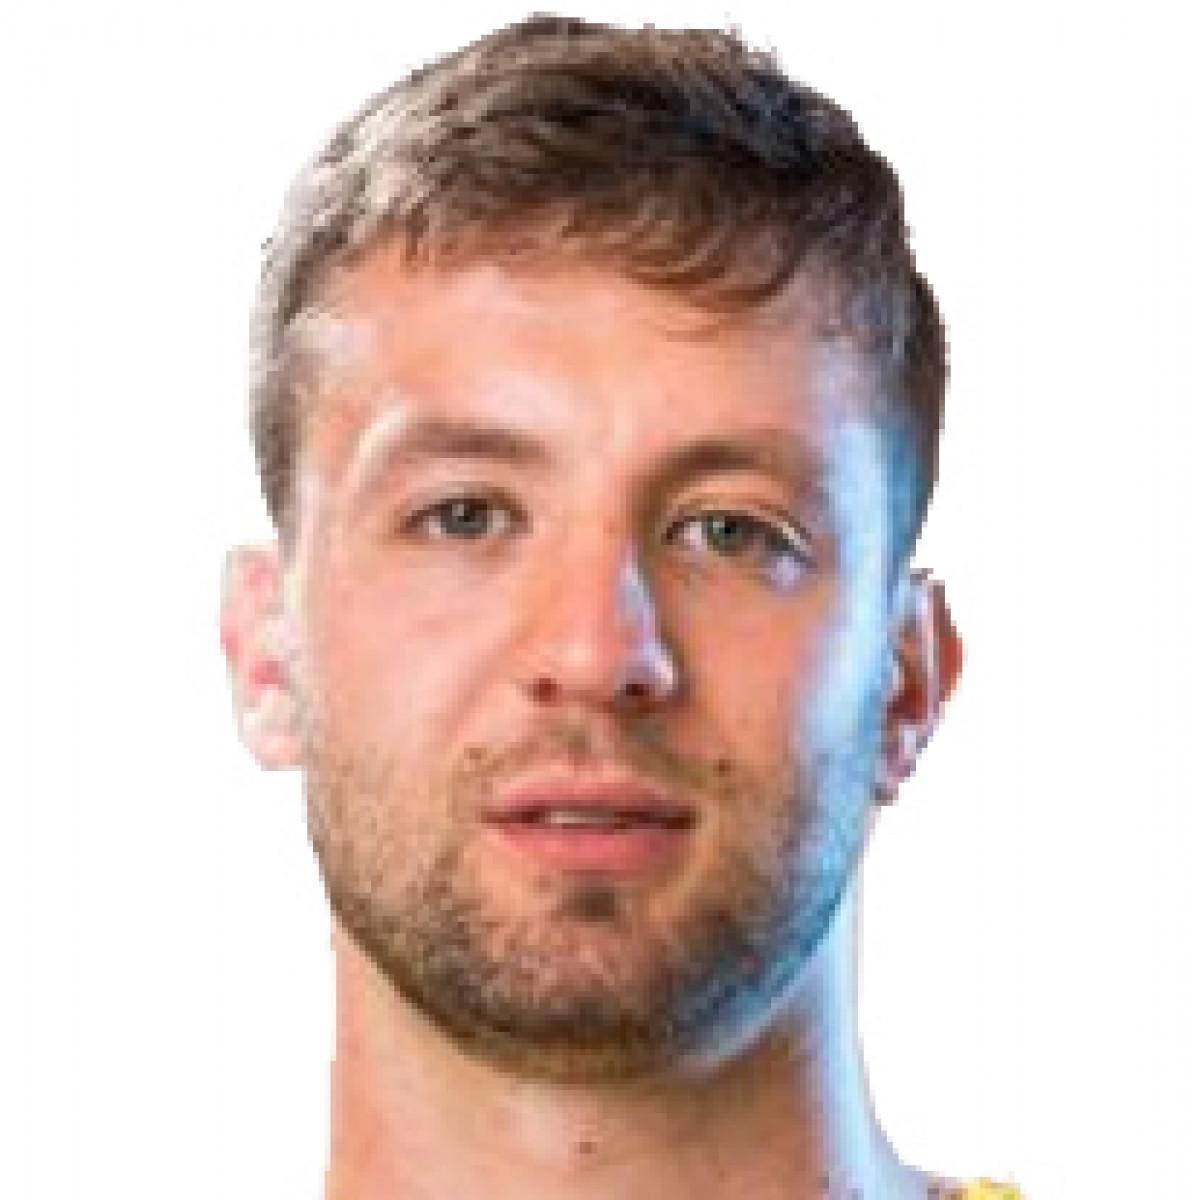 Antonio Crnjevic